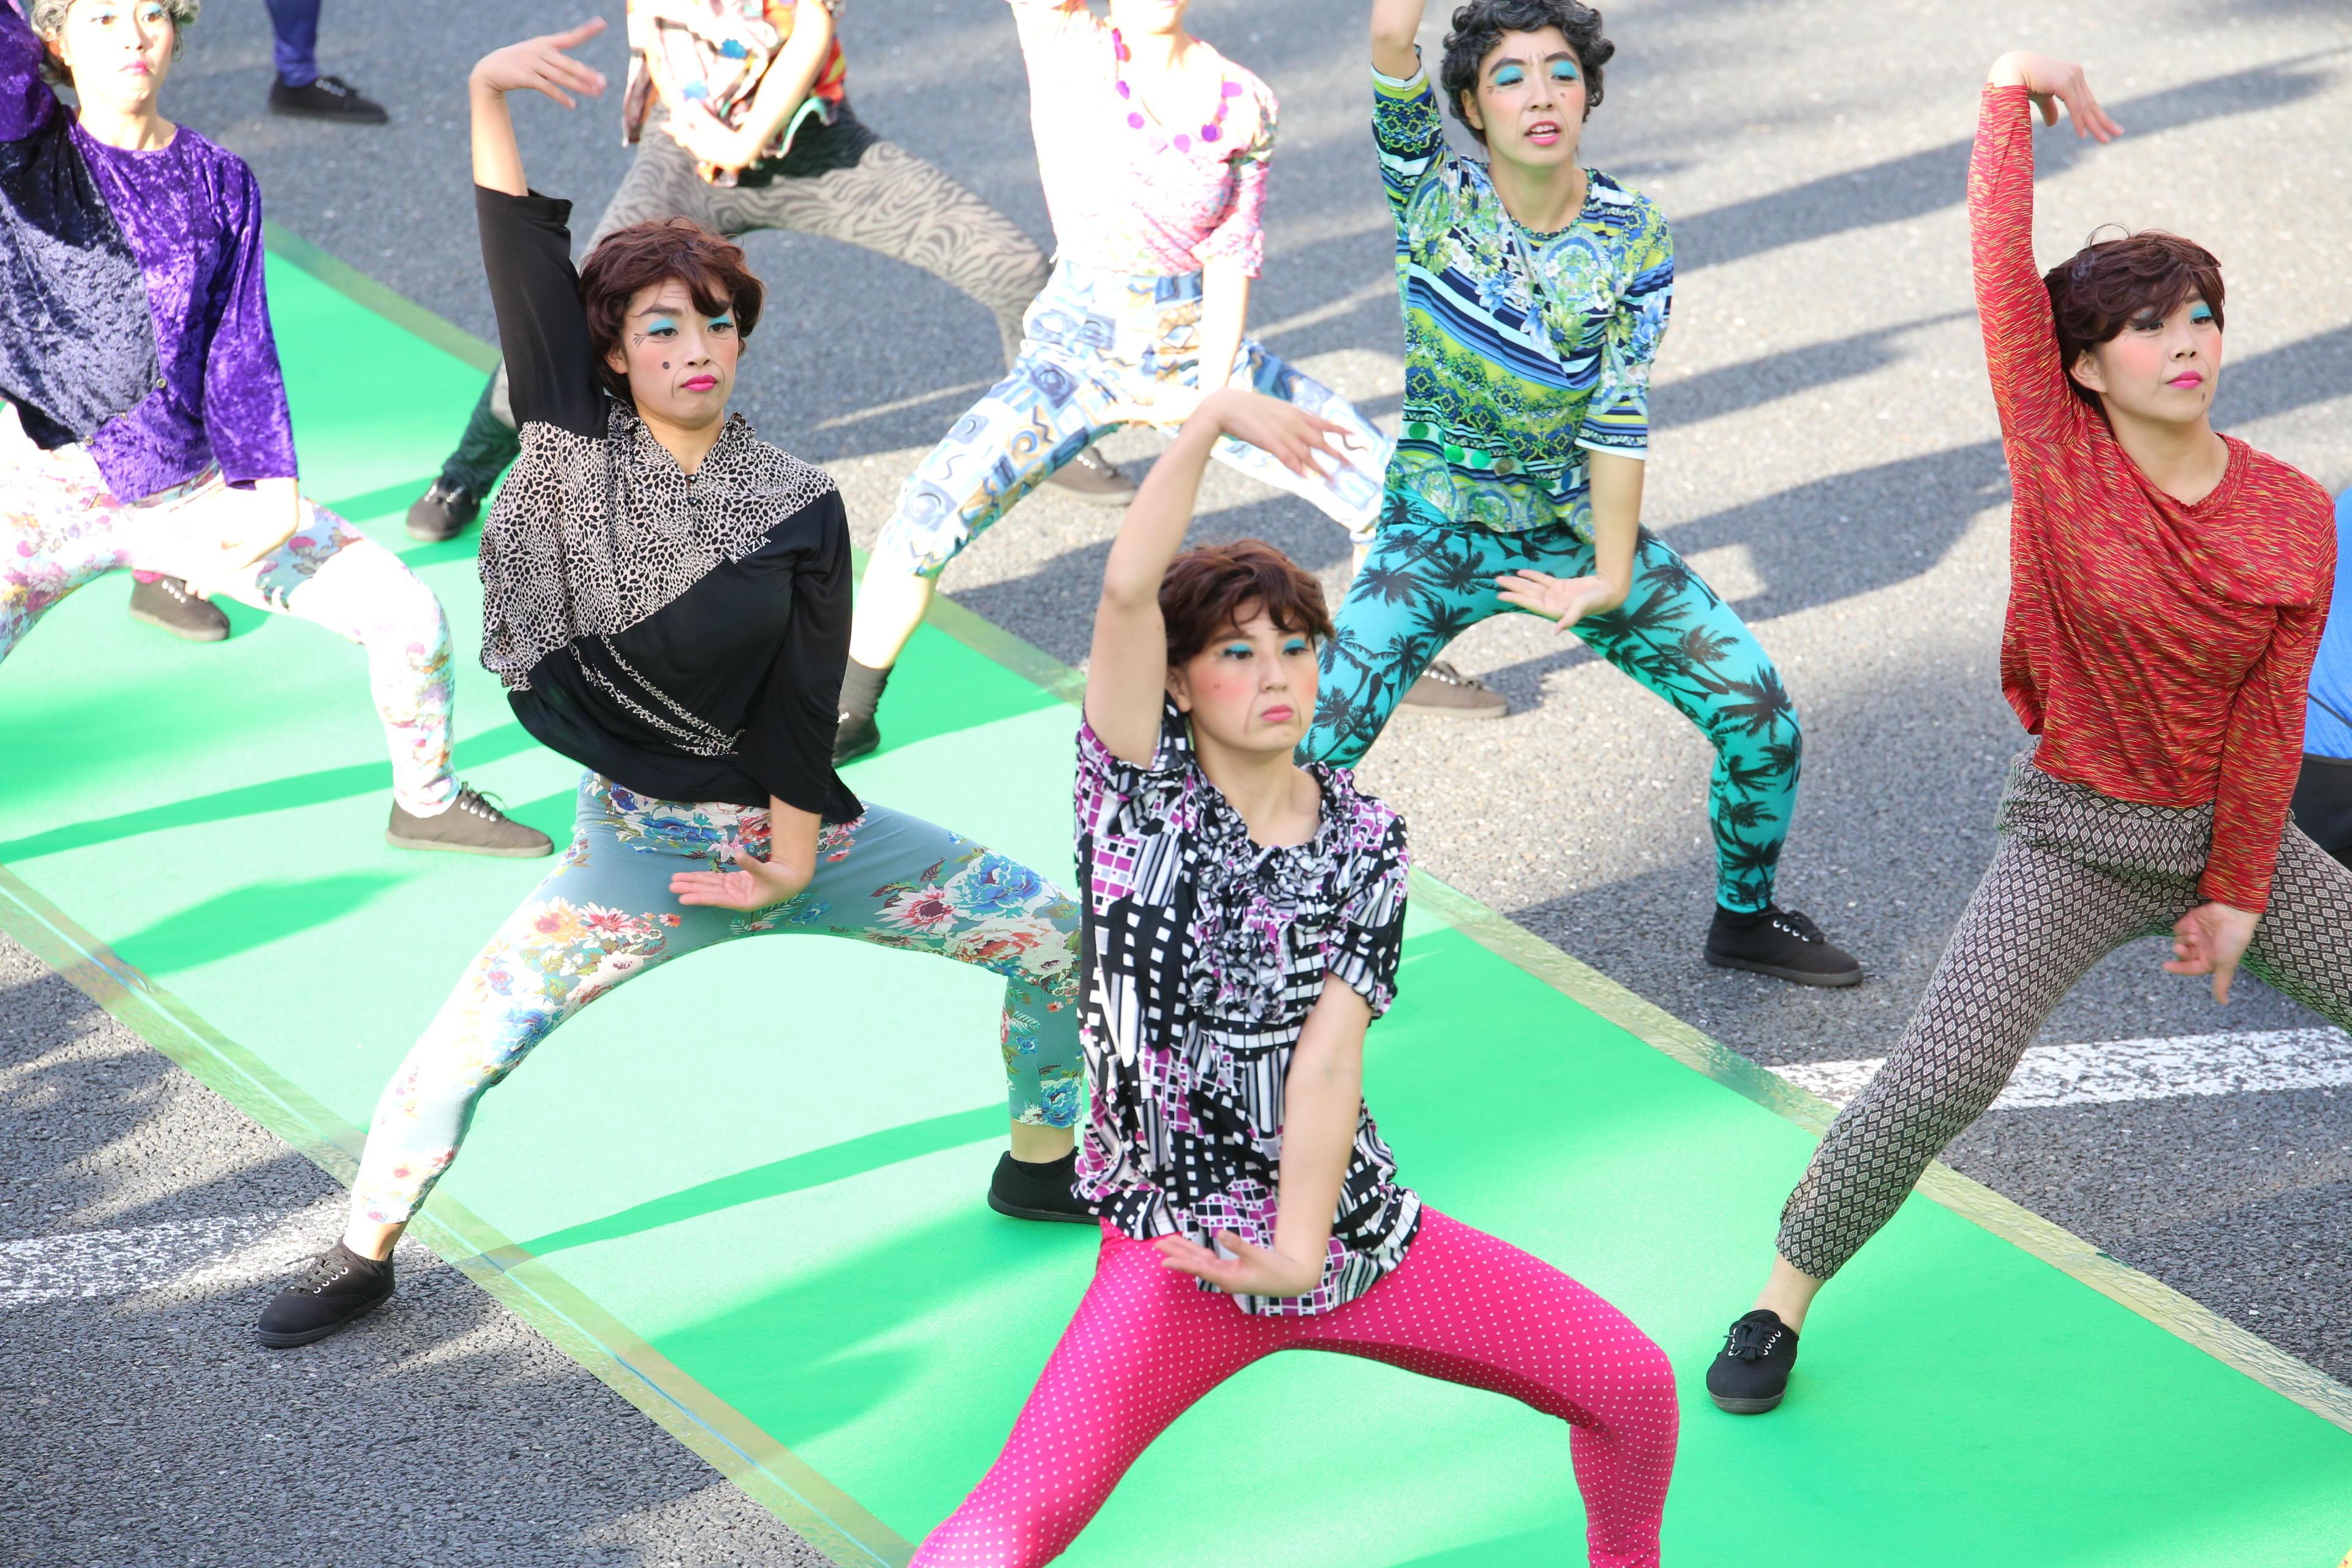 http://news.yoshimoto.co.jp/20171112222741-8db014a57c3c64728377d0d1e37f198fa94ce36b.jpg